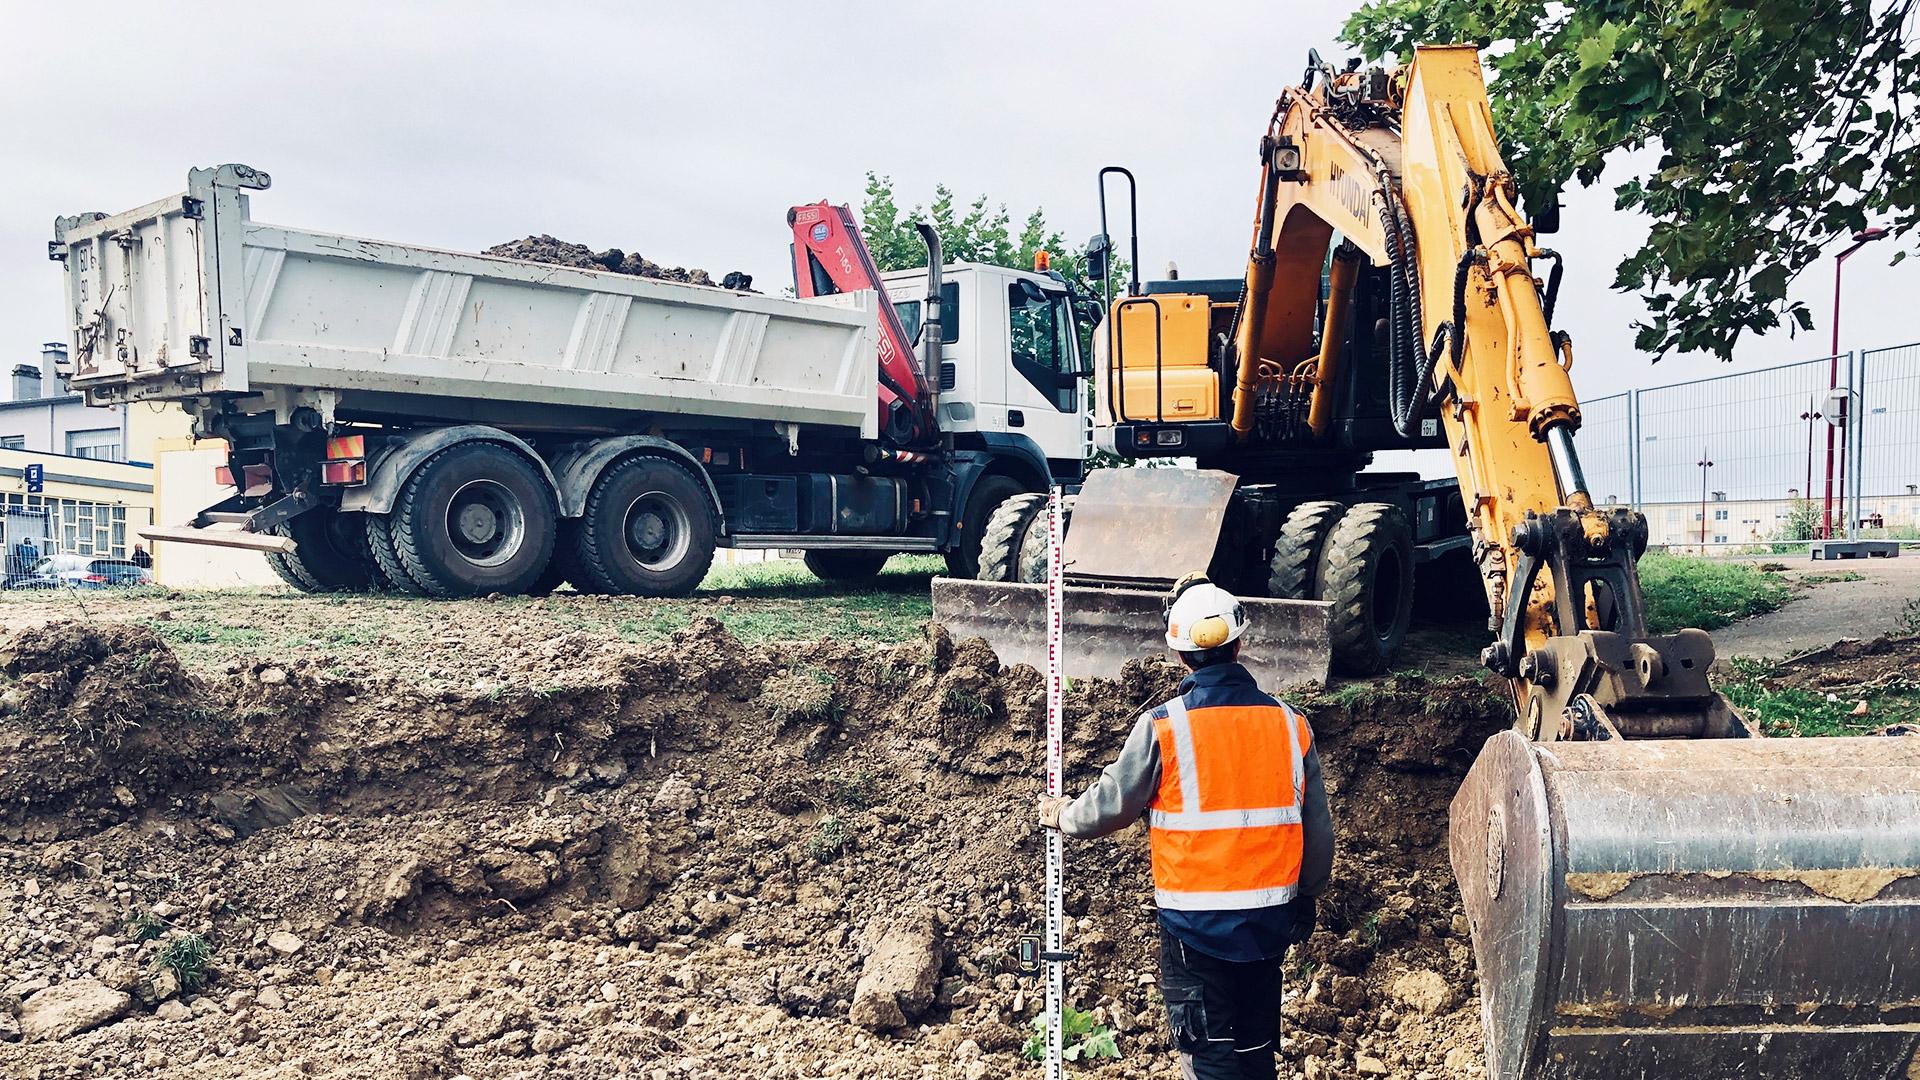 Entreprise Amenagement Exterieur Moselle entreprise du btp - bâtiment - travaux public - aménagements